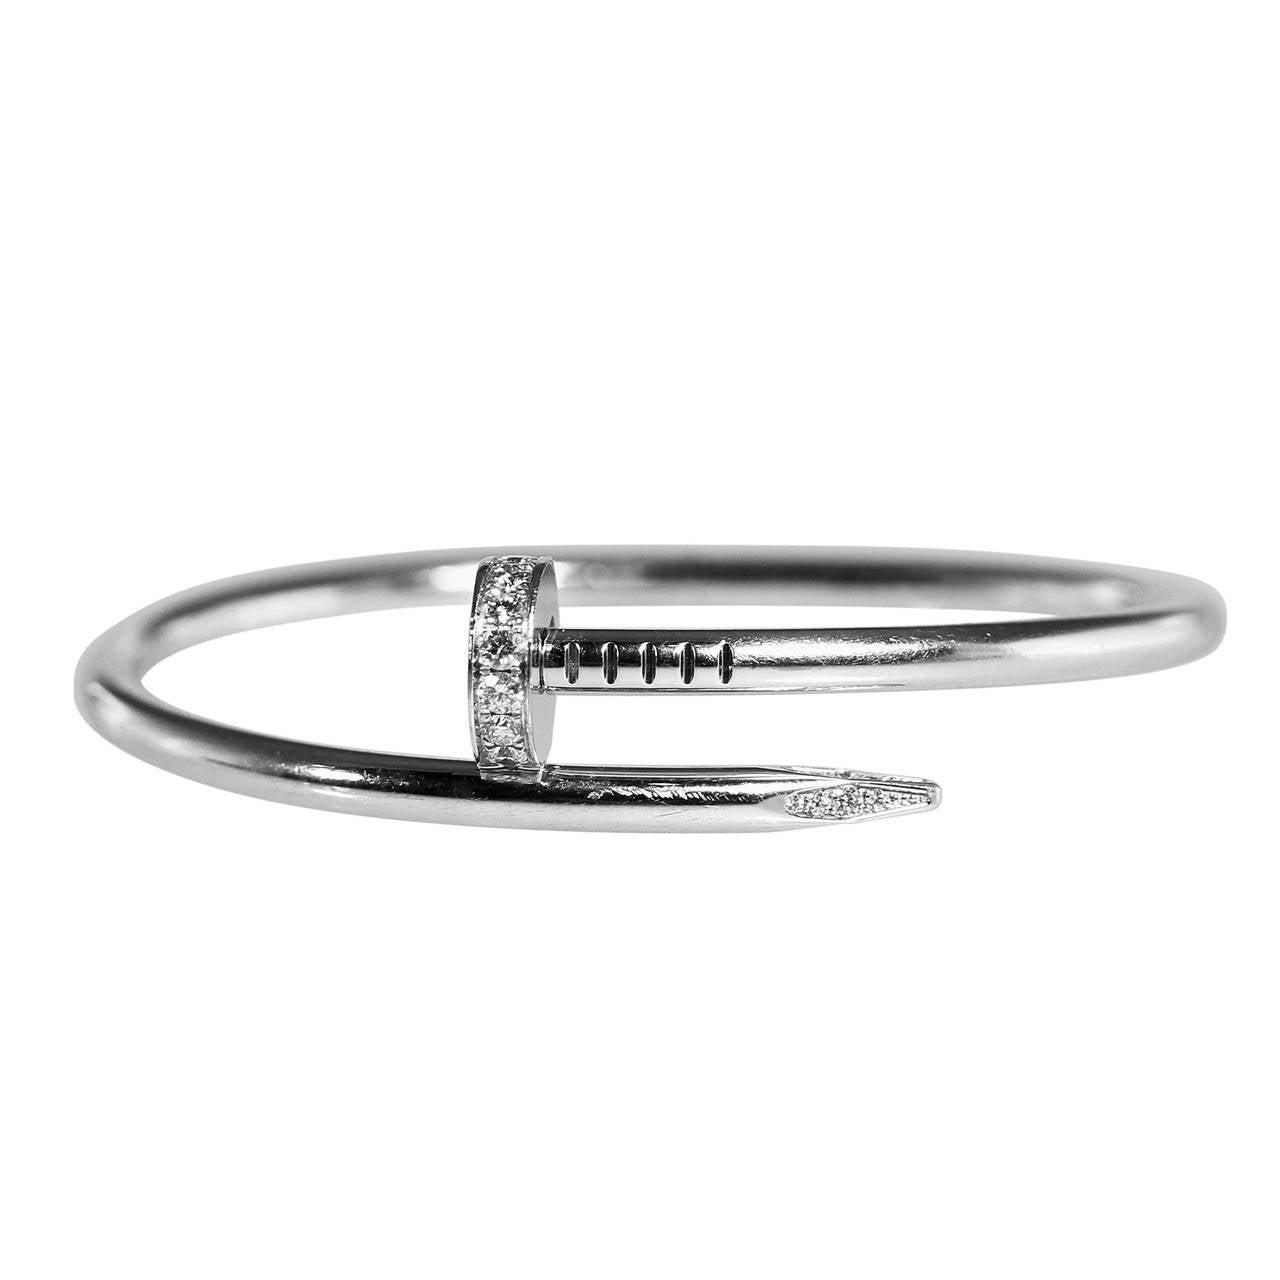 Cartier Diamond Gold Juste un Clou Bracelet 1